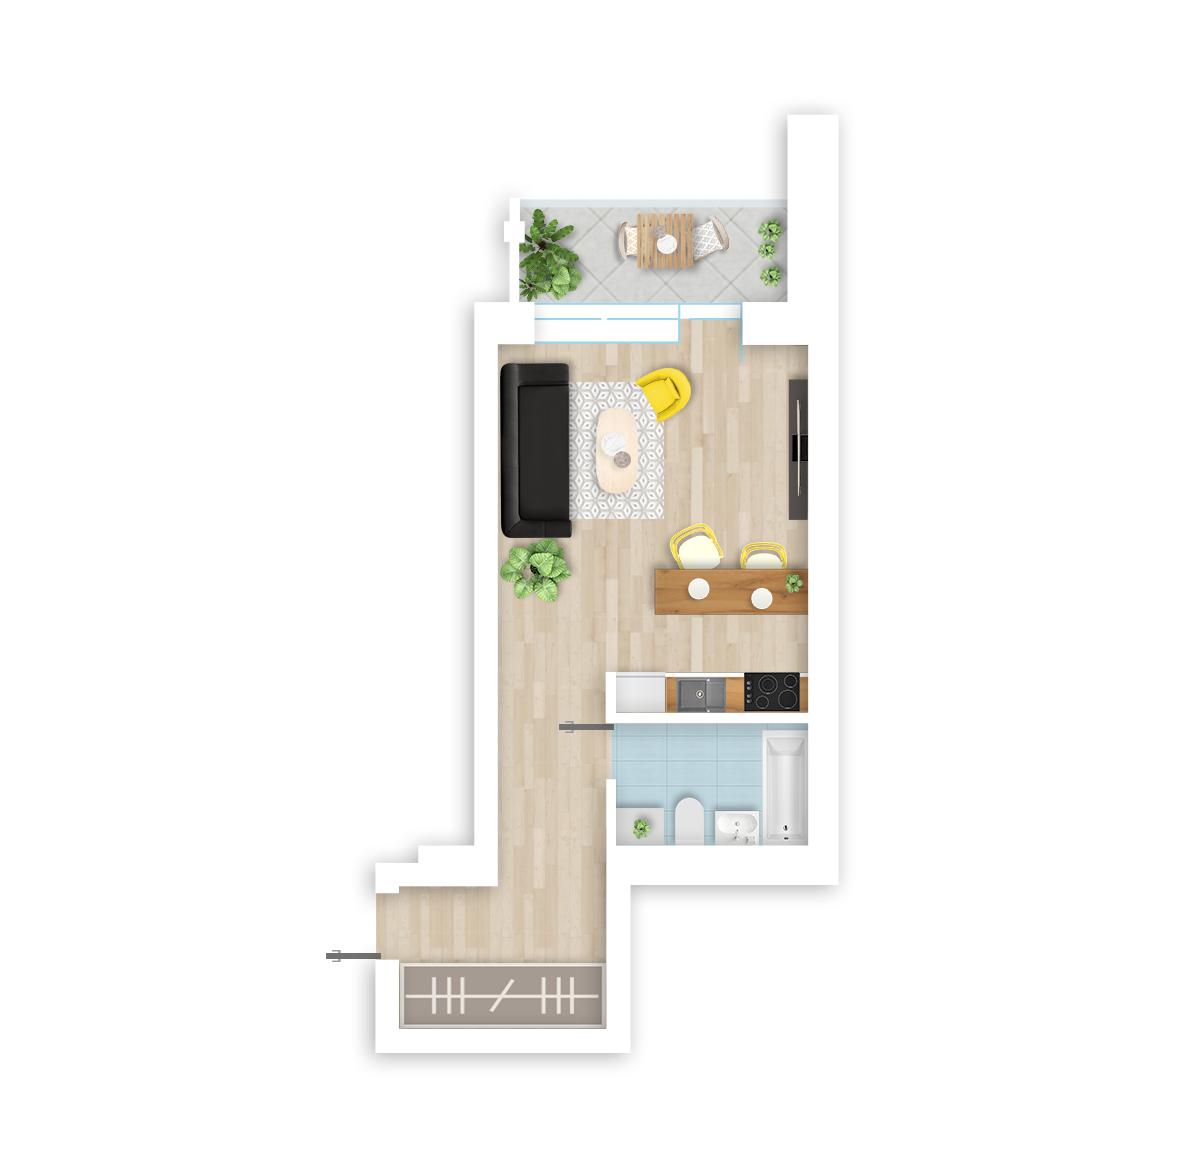 parduodamas butas Lazdynėlių g. 18 - 11 Vilniuje, buto 3D vaizdas